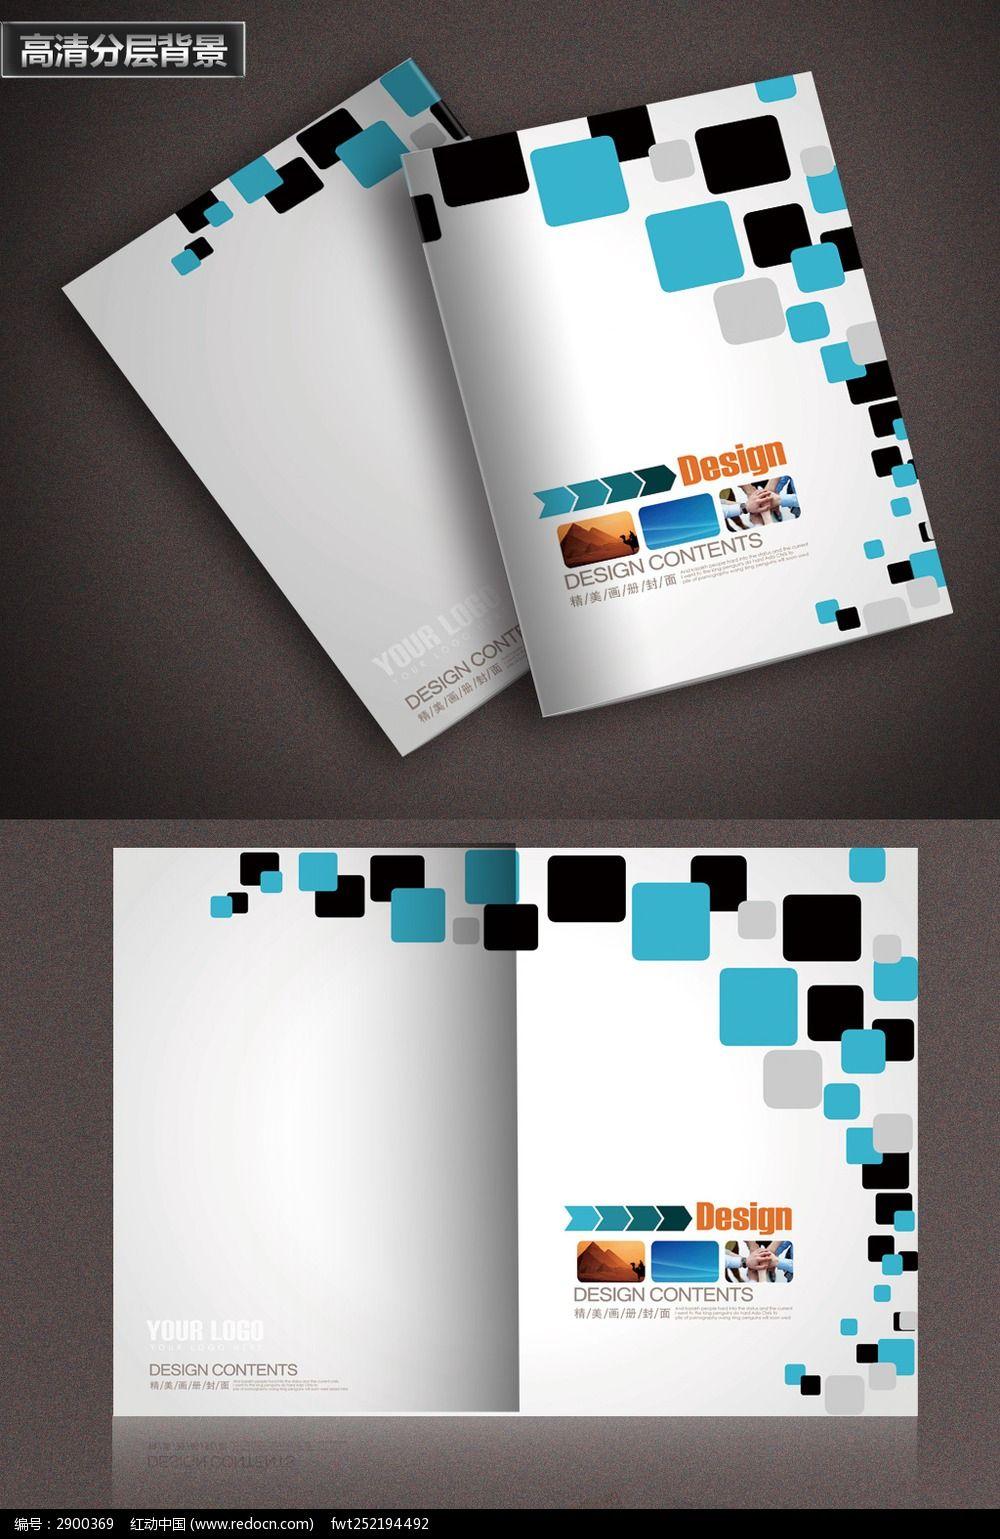 几何方块科技画册封面图片